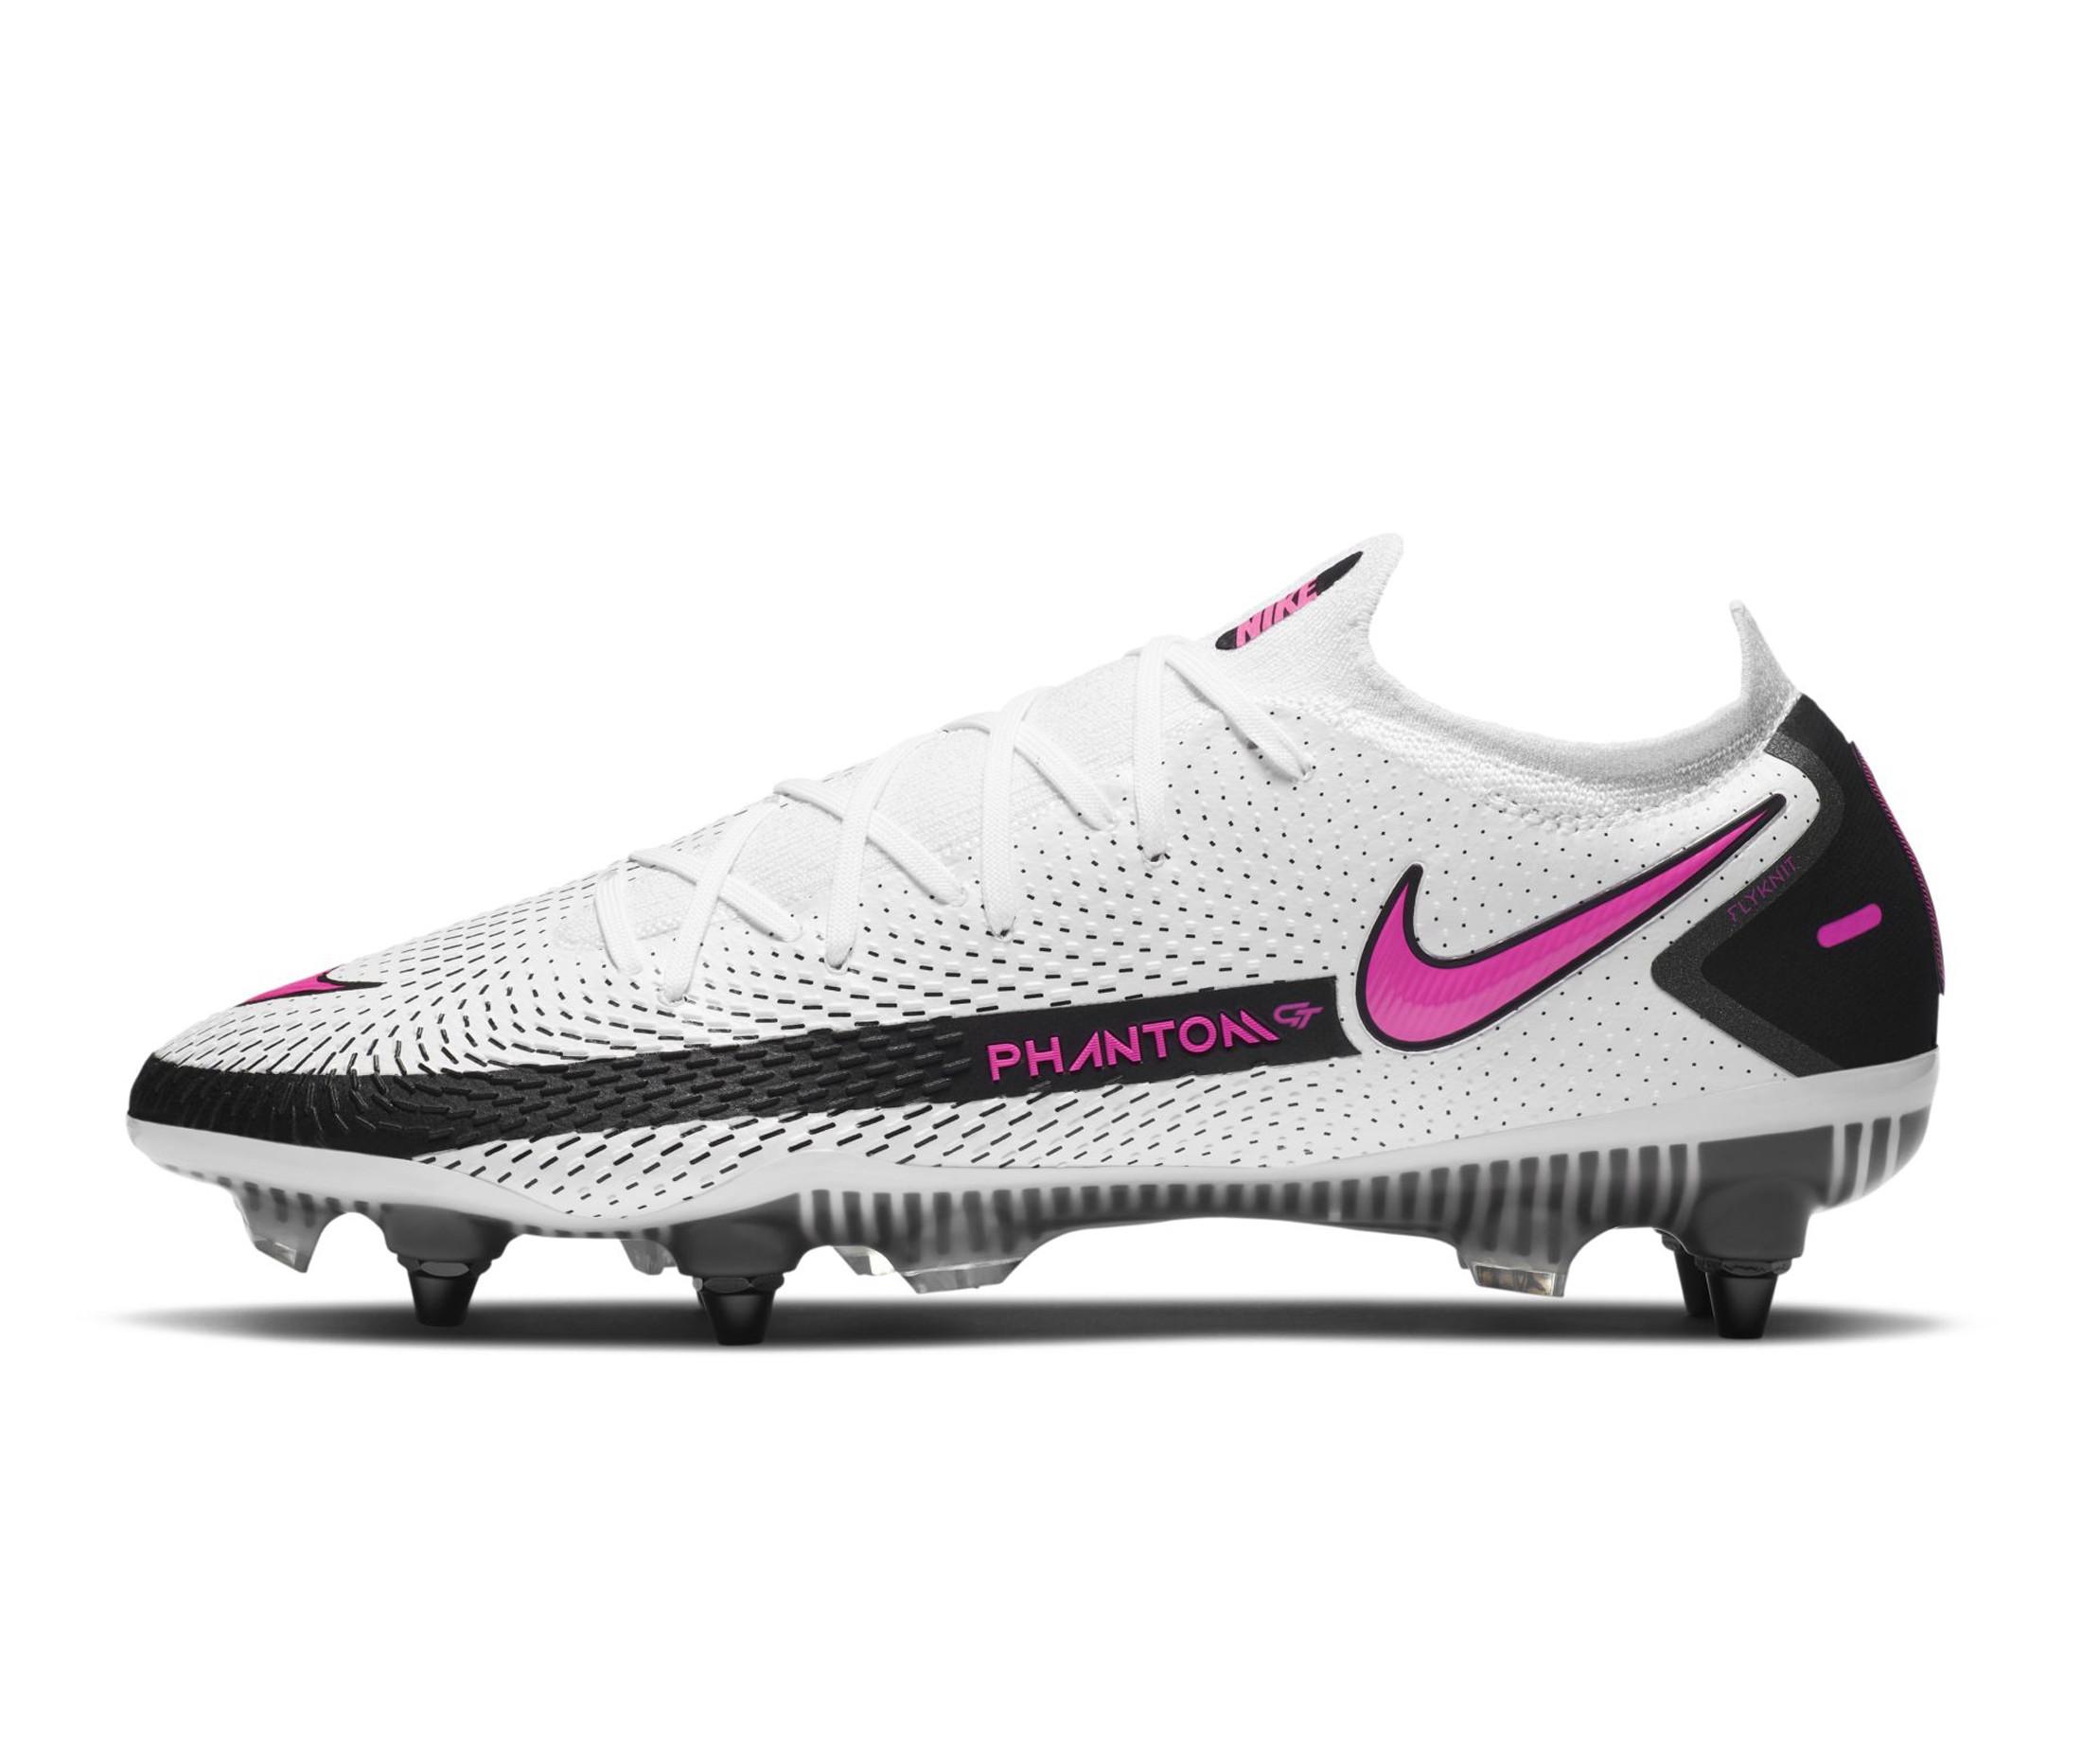 Phantom | Nike | Chaussures de foot | Footcenter